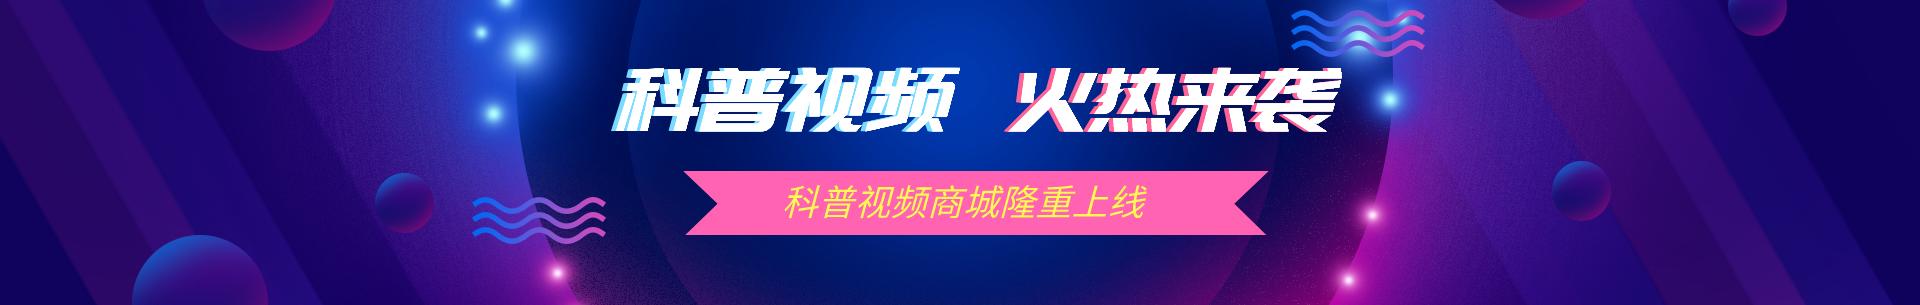 默认标题_全屏海报_2019-12-08-0-3